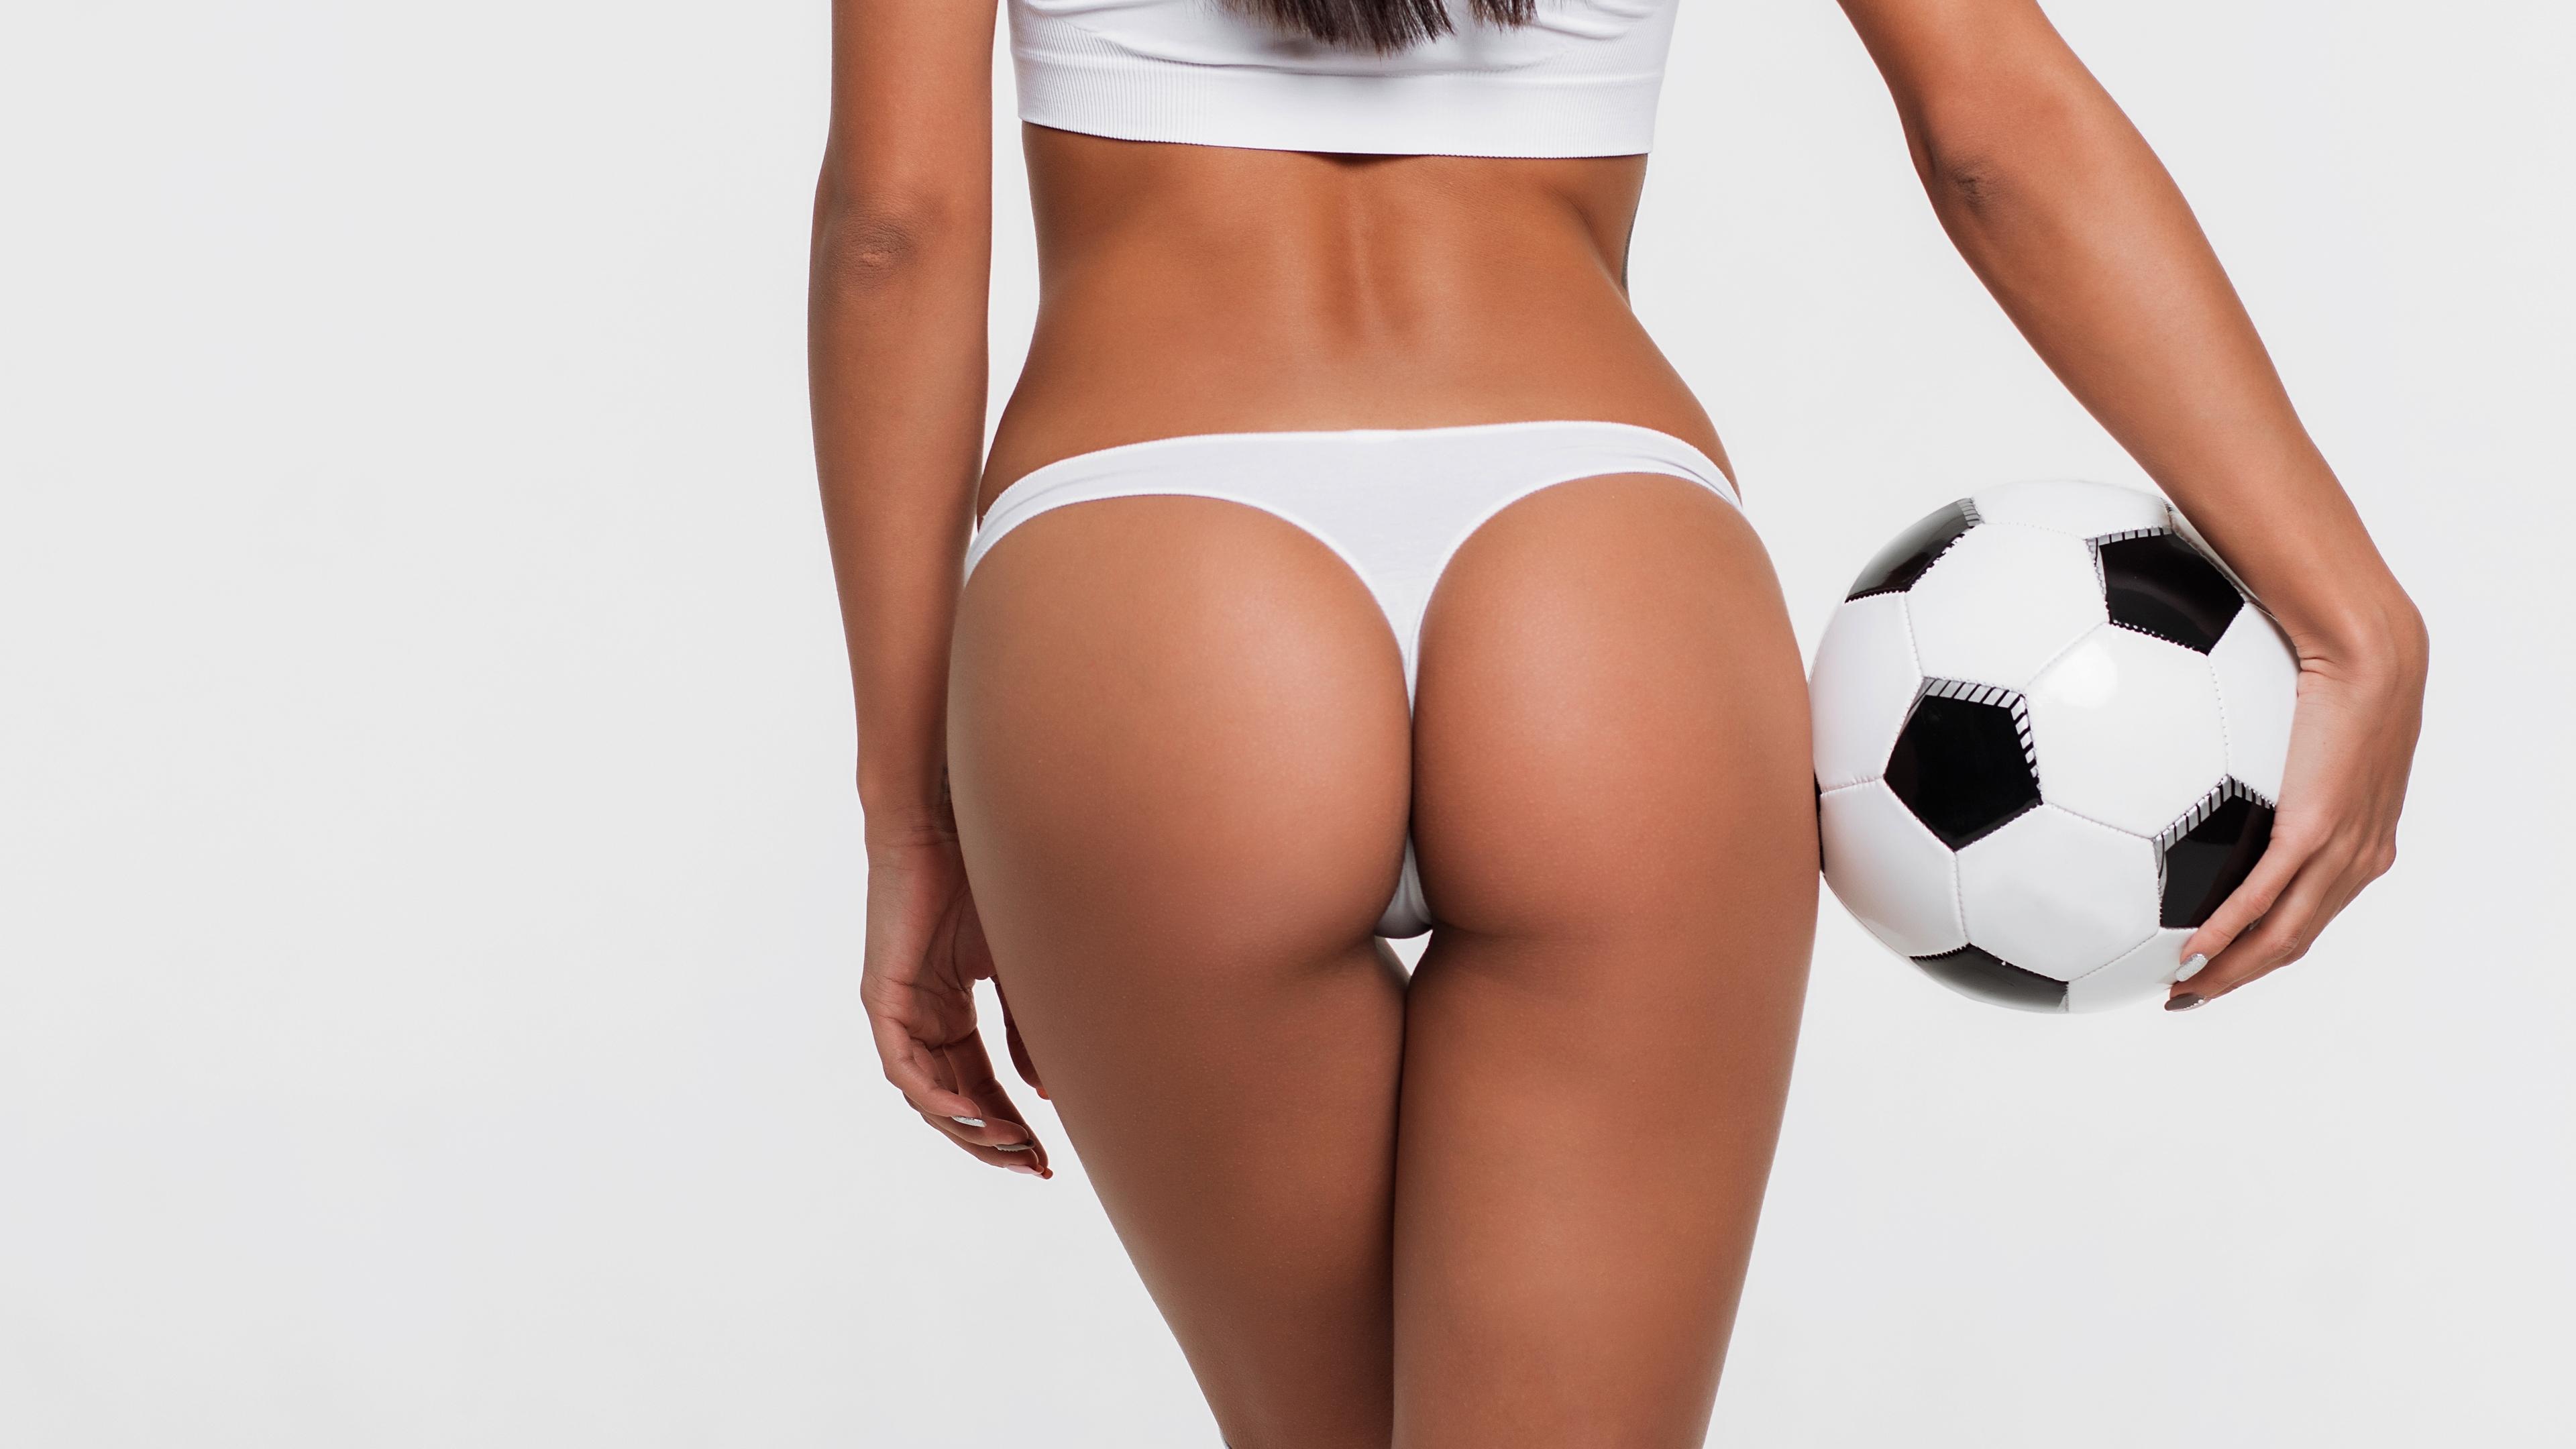 Женский футбол в стрингах купить нижнее белье женское в нижнем новгороде